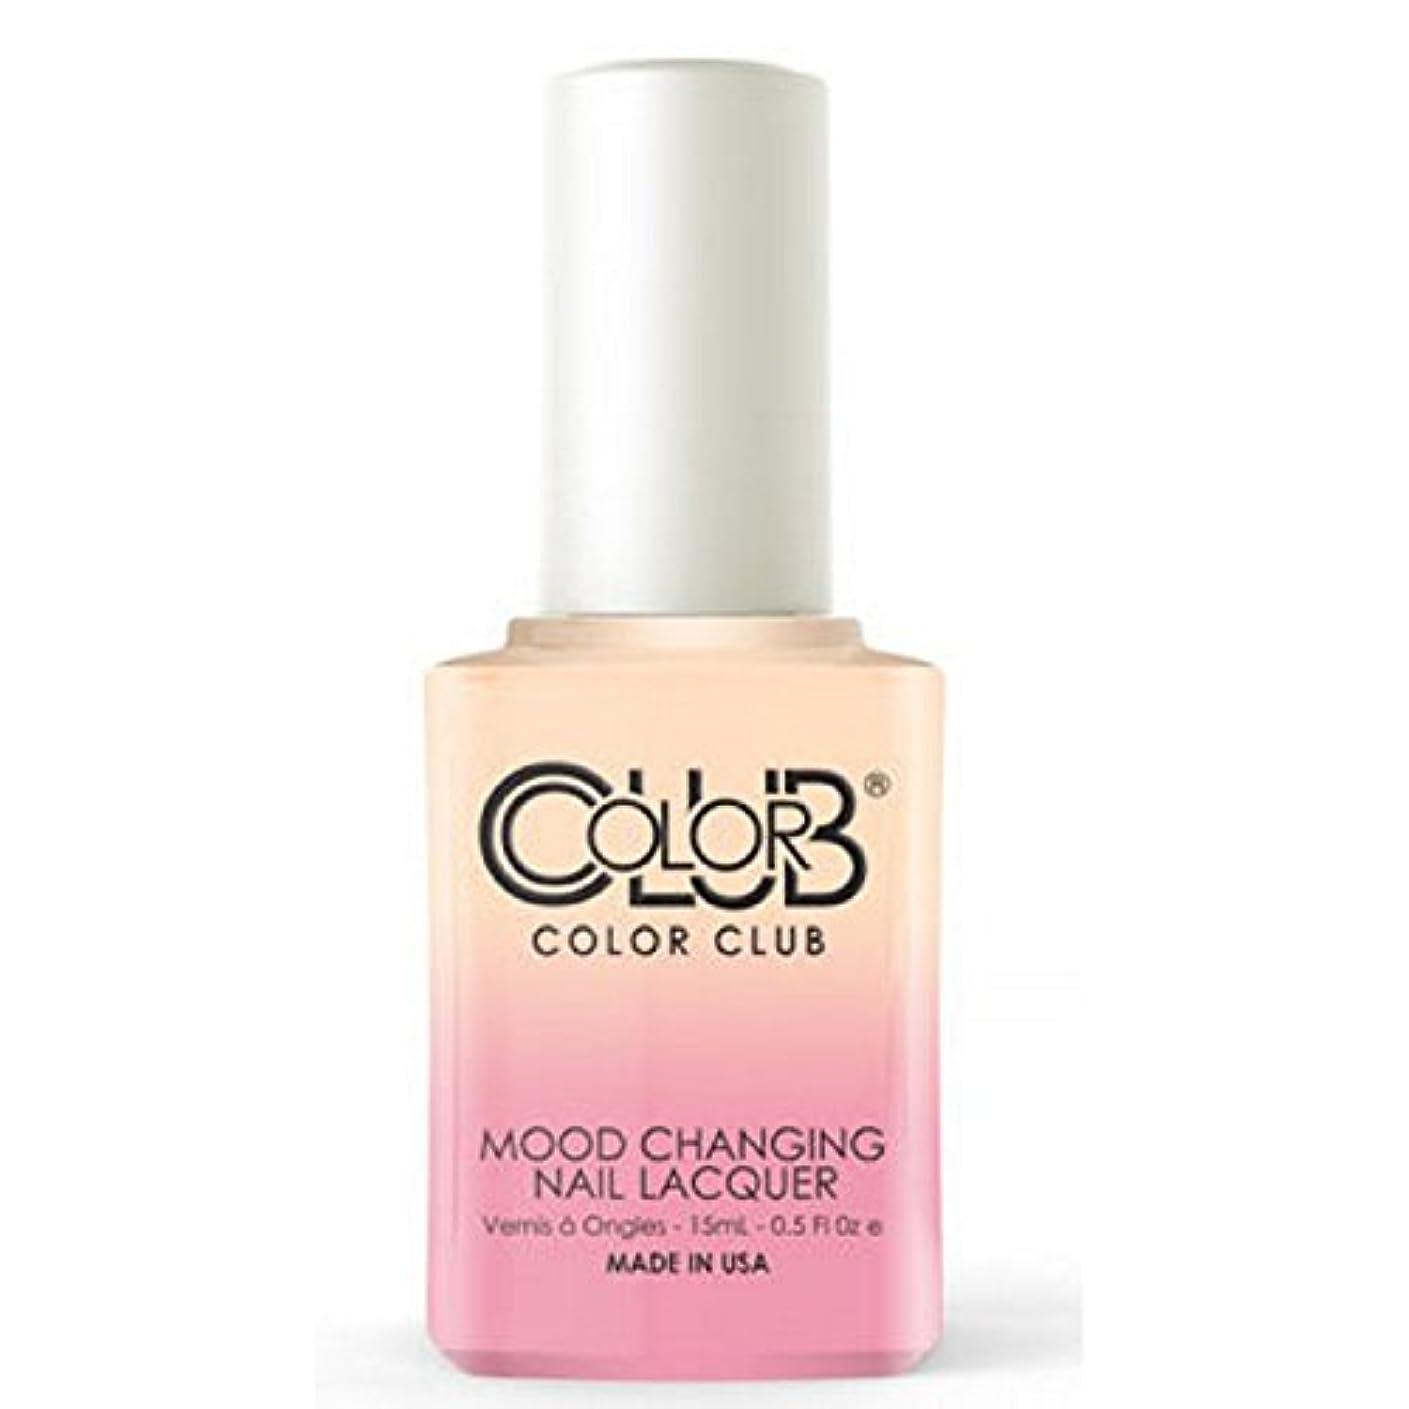 未亡人ネーピア本土Color Club Mood Changing Nail Lacquer - Old Soul - 15 mL / 0.5 fl oz